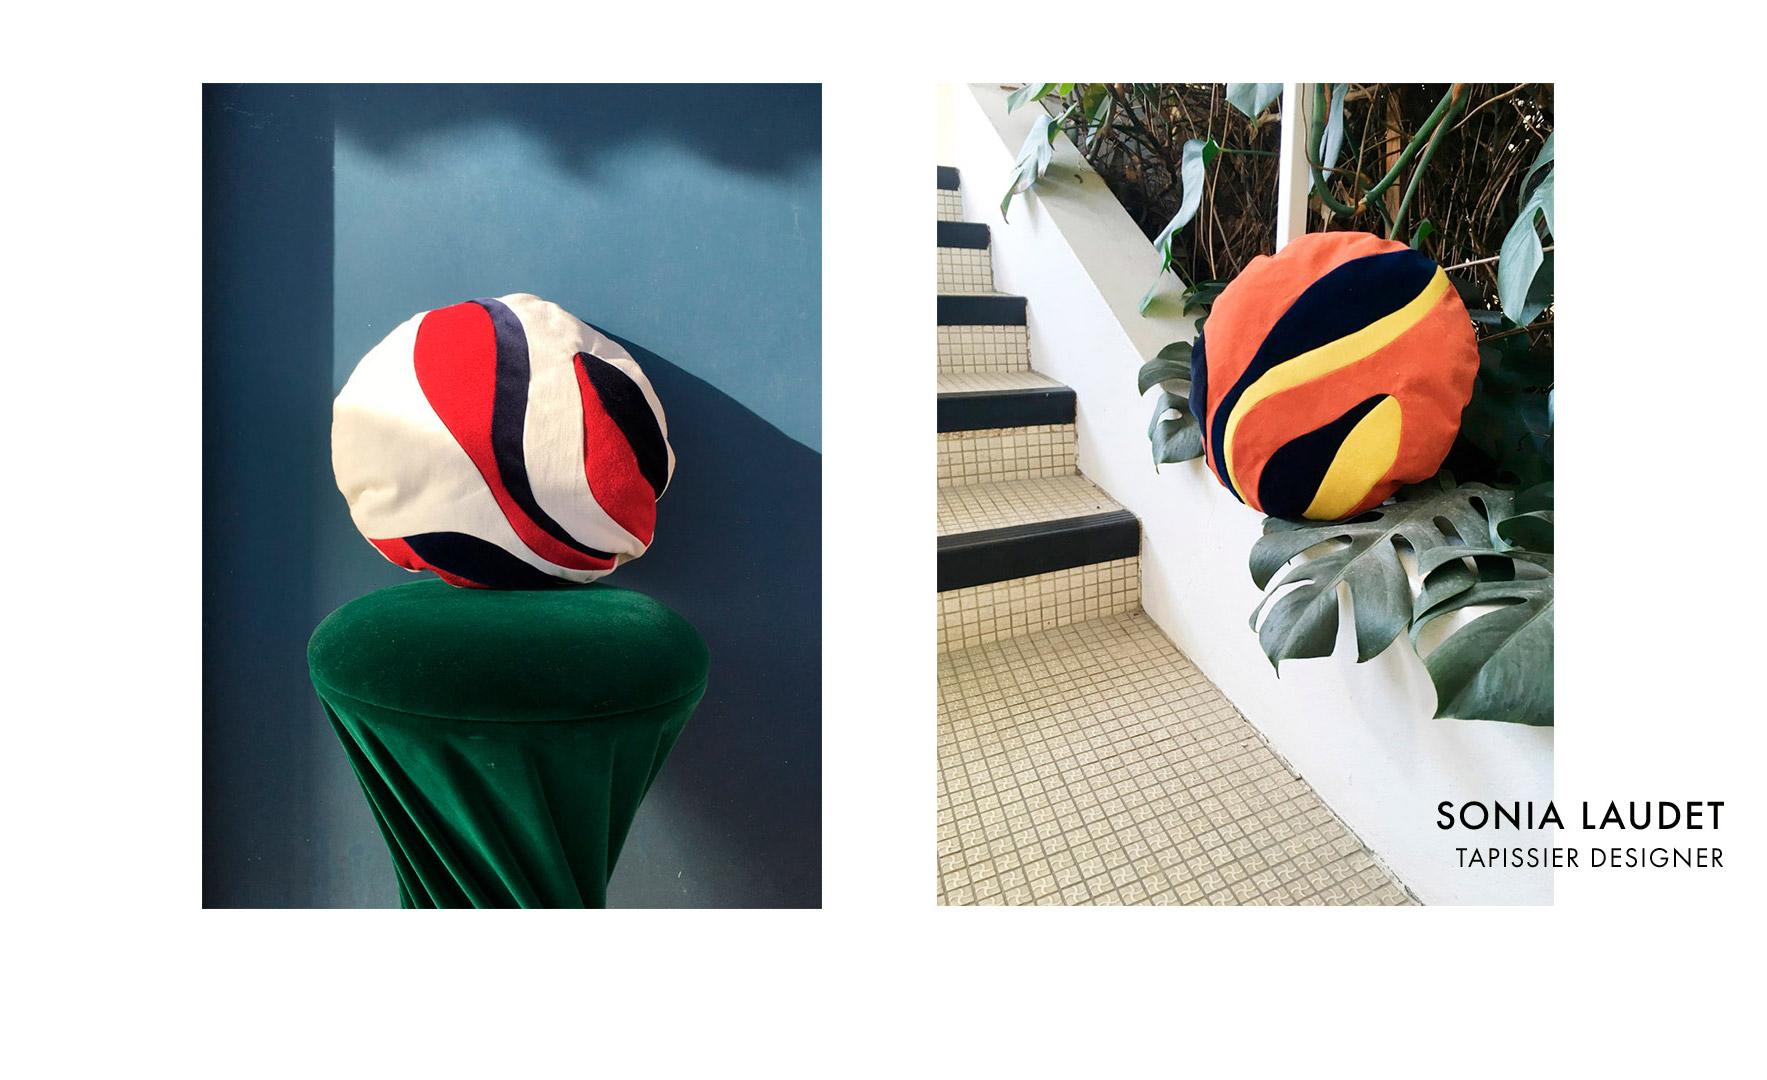 Création site internet pour Sonia Laudet, Tapissier Designer à Bayonne